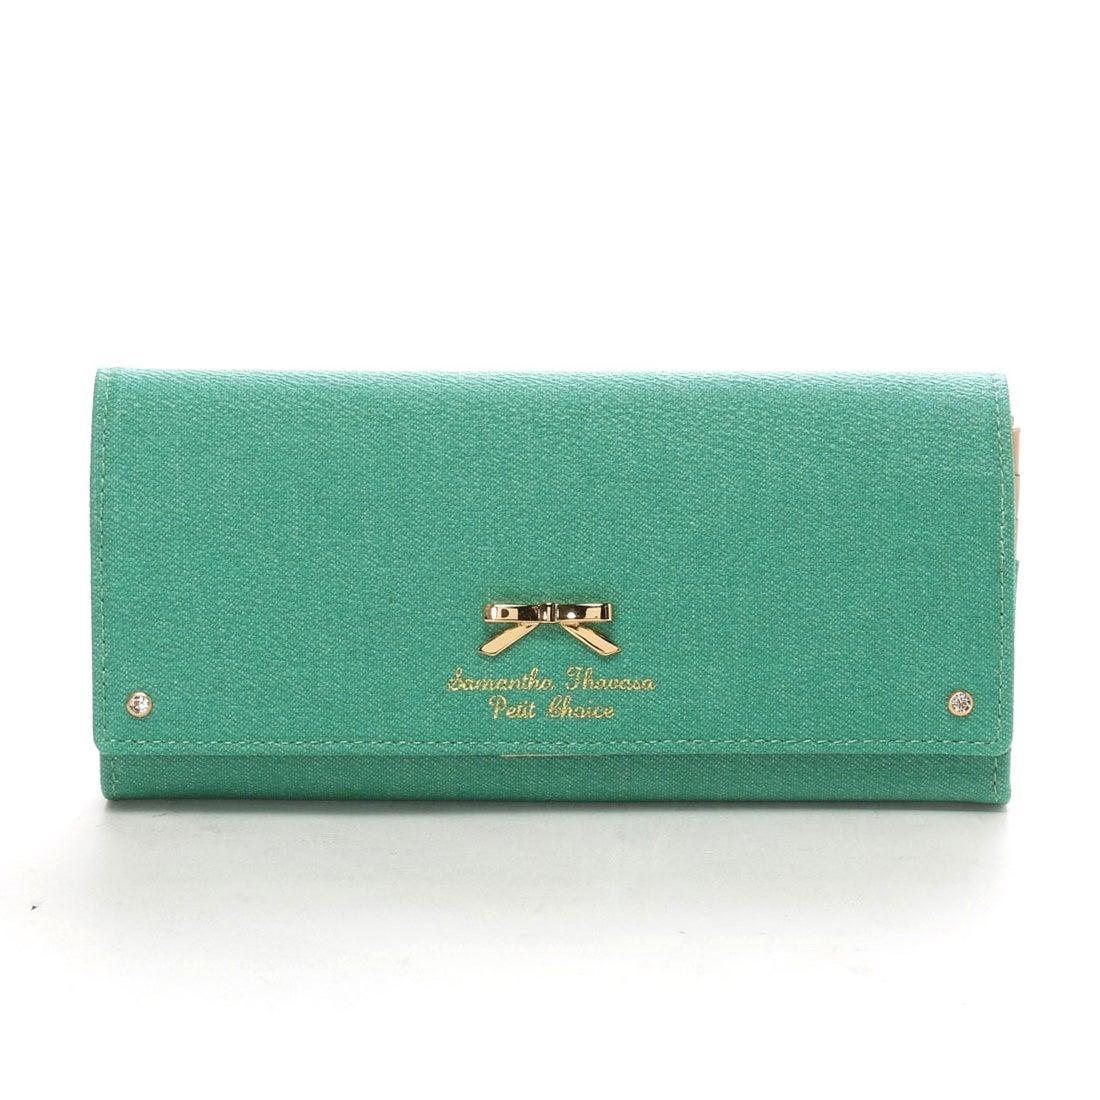 サマンサタバサプチチョイス デニムシンプルリボンプレート 長財布(グリーン)